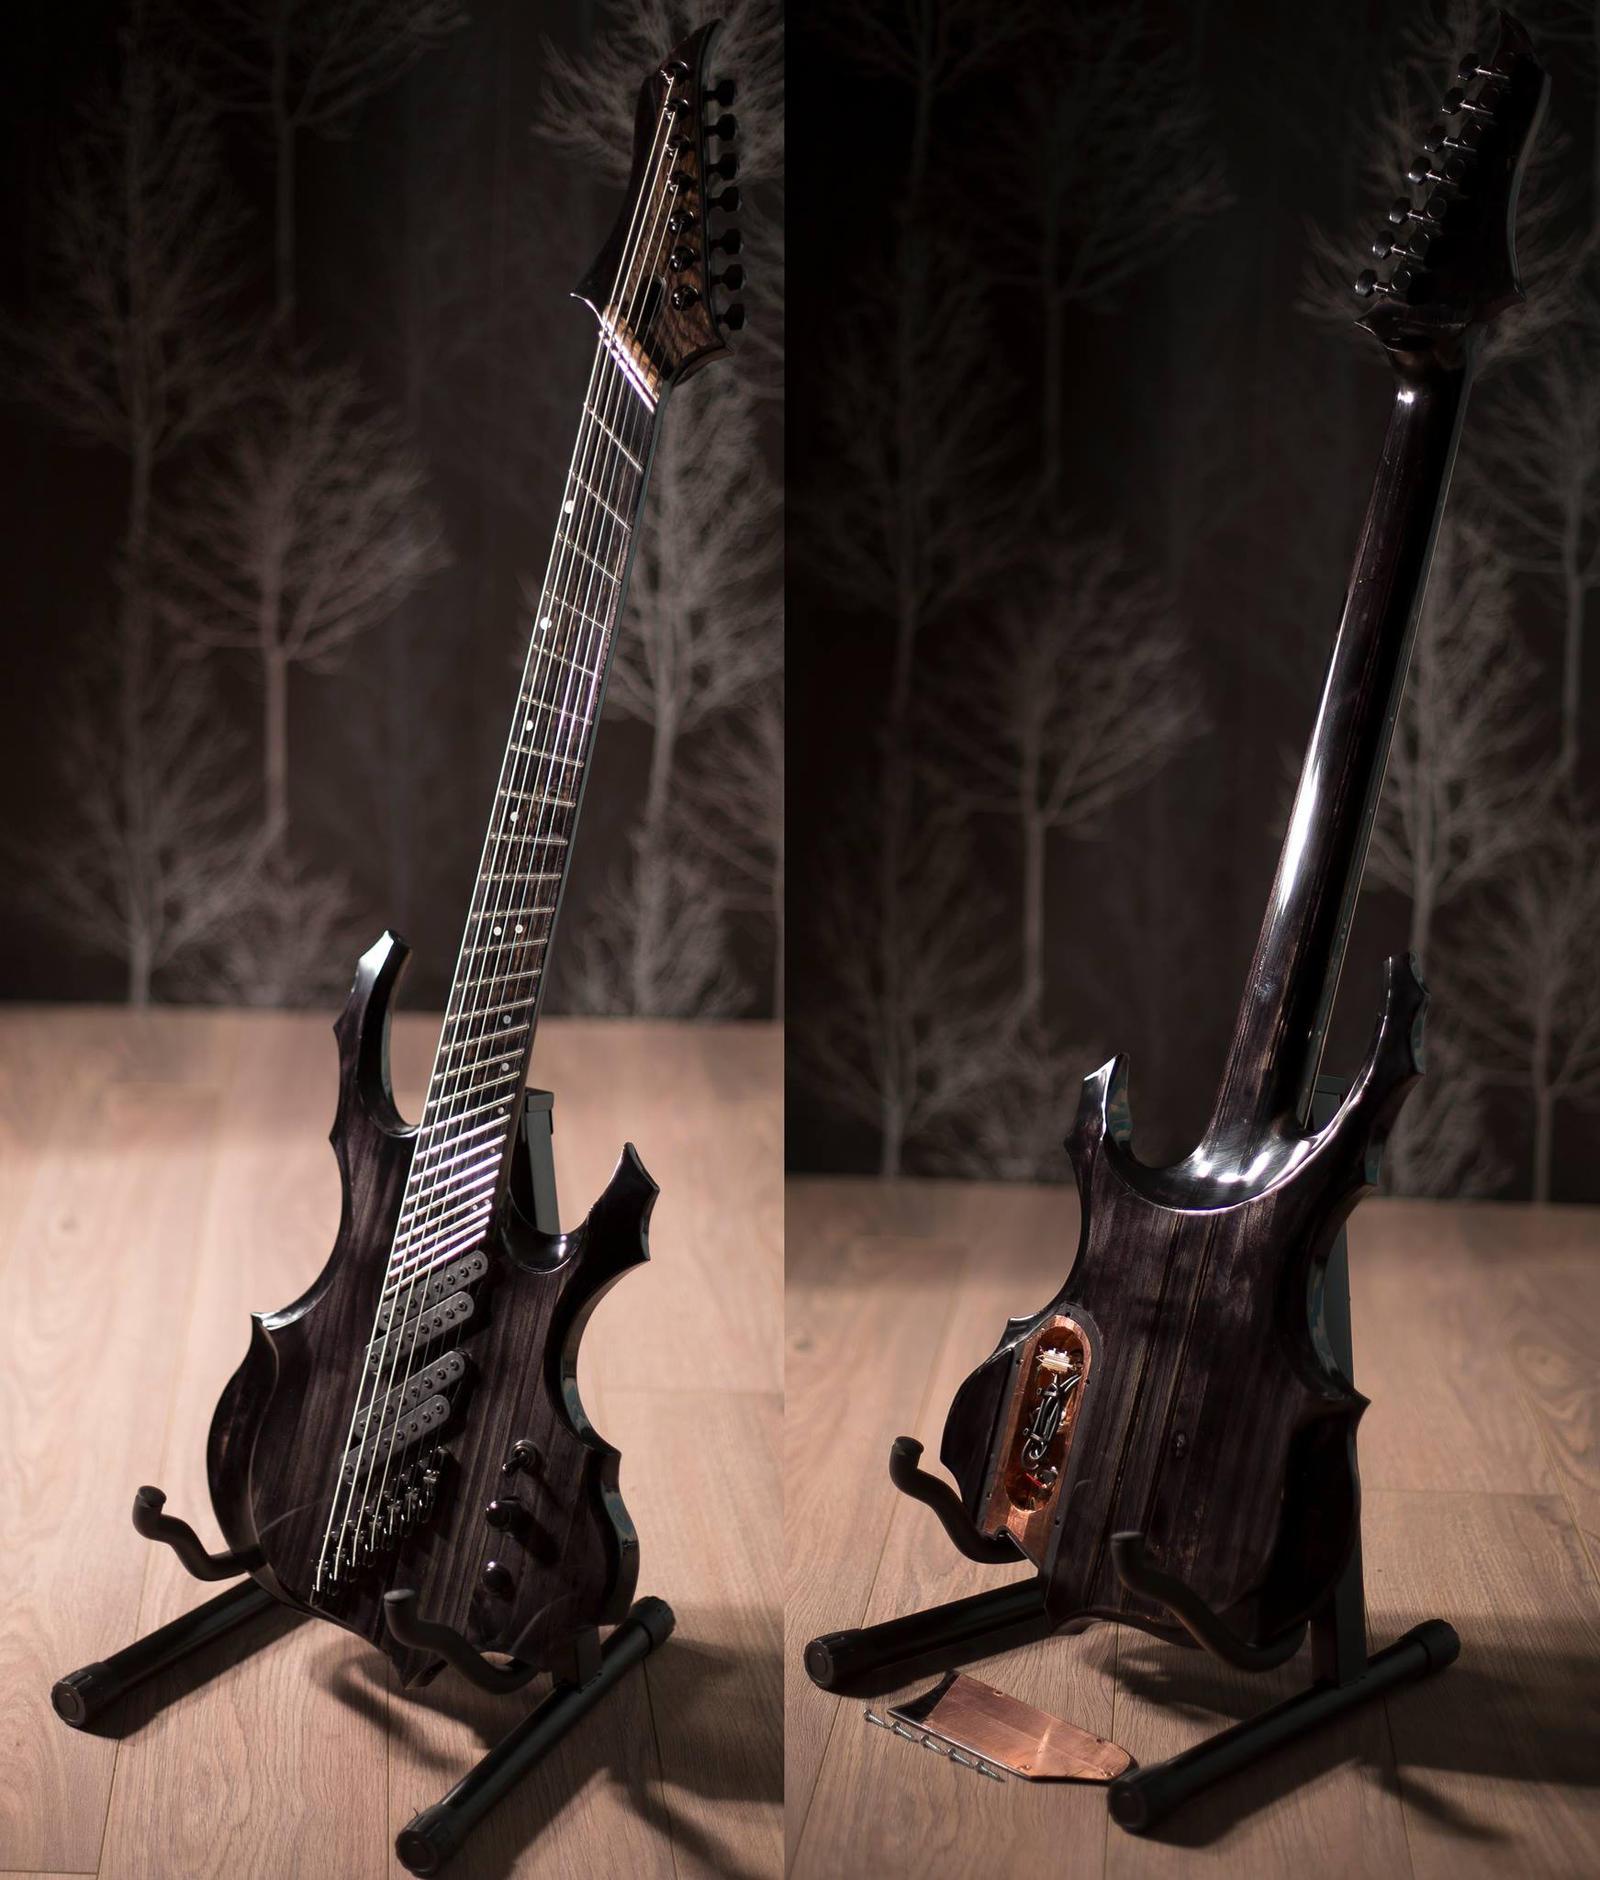 ultimega 7 string fanned fret guitar by tmprojection on deviantart. Black Bedroom Furniture Sets. Home Design Ideas